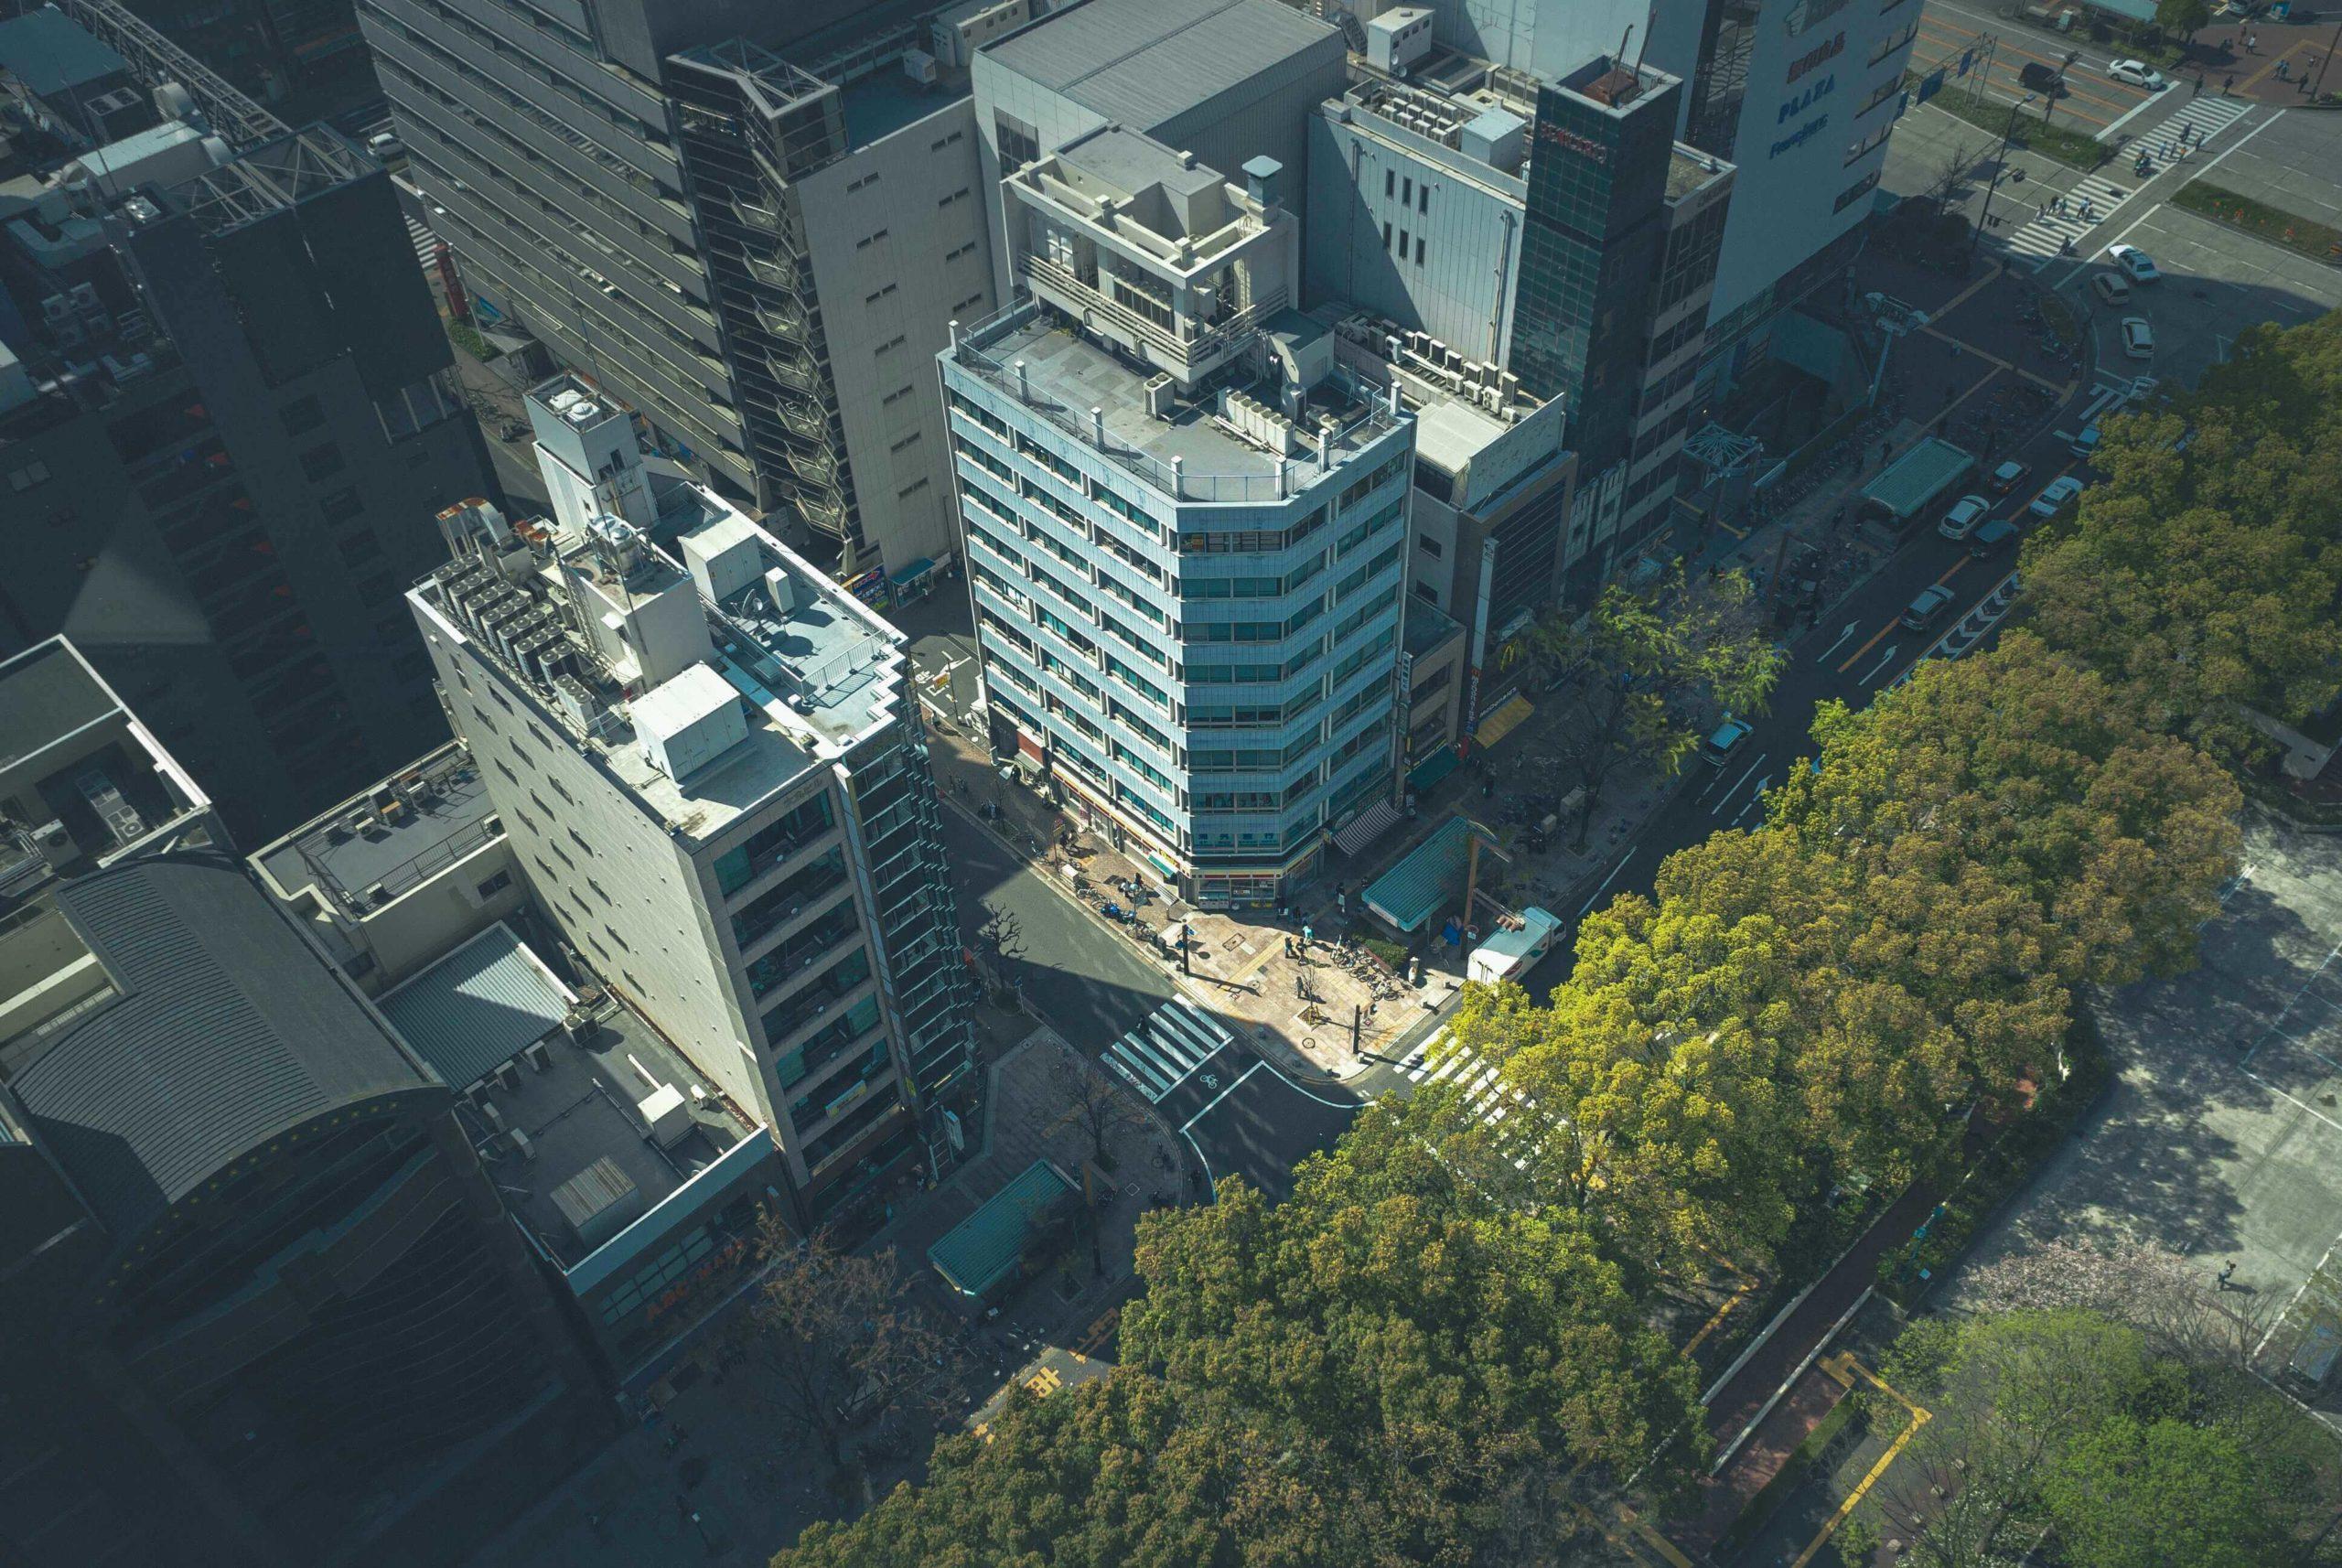 名古屋観光なら!ワンランク上の名古屋旅のためのホテル